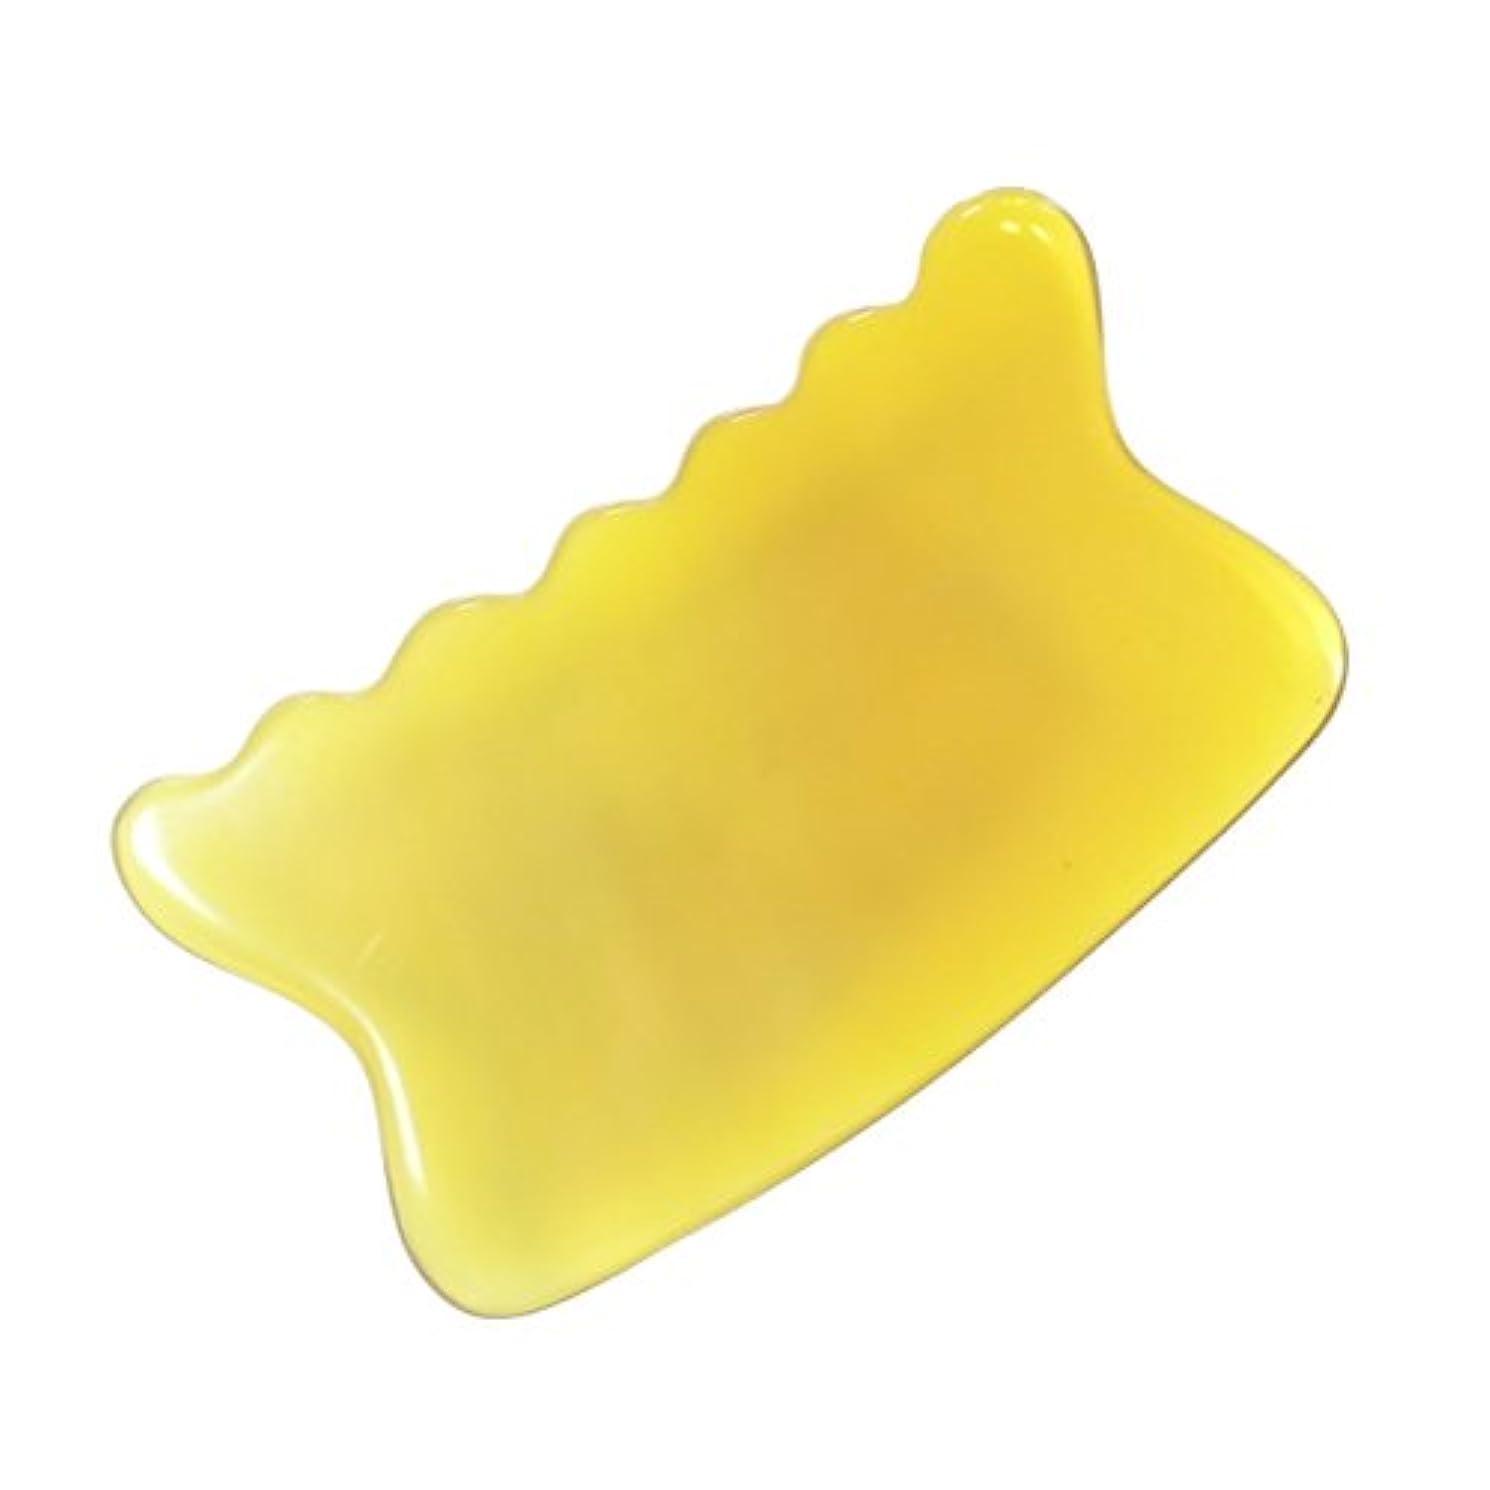 ピック寛大な活性化するかっさ プレート 希少55 黄水牛角 極美品 曲波型